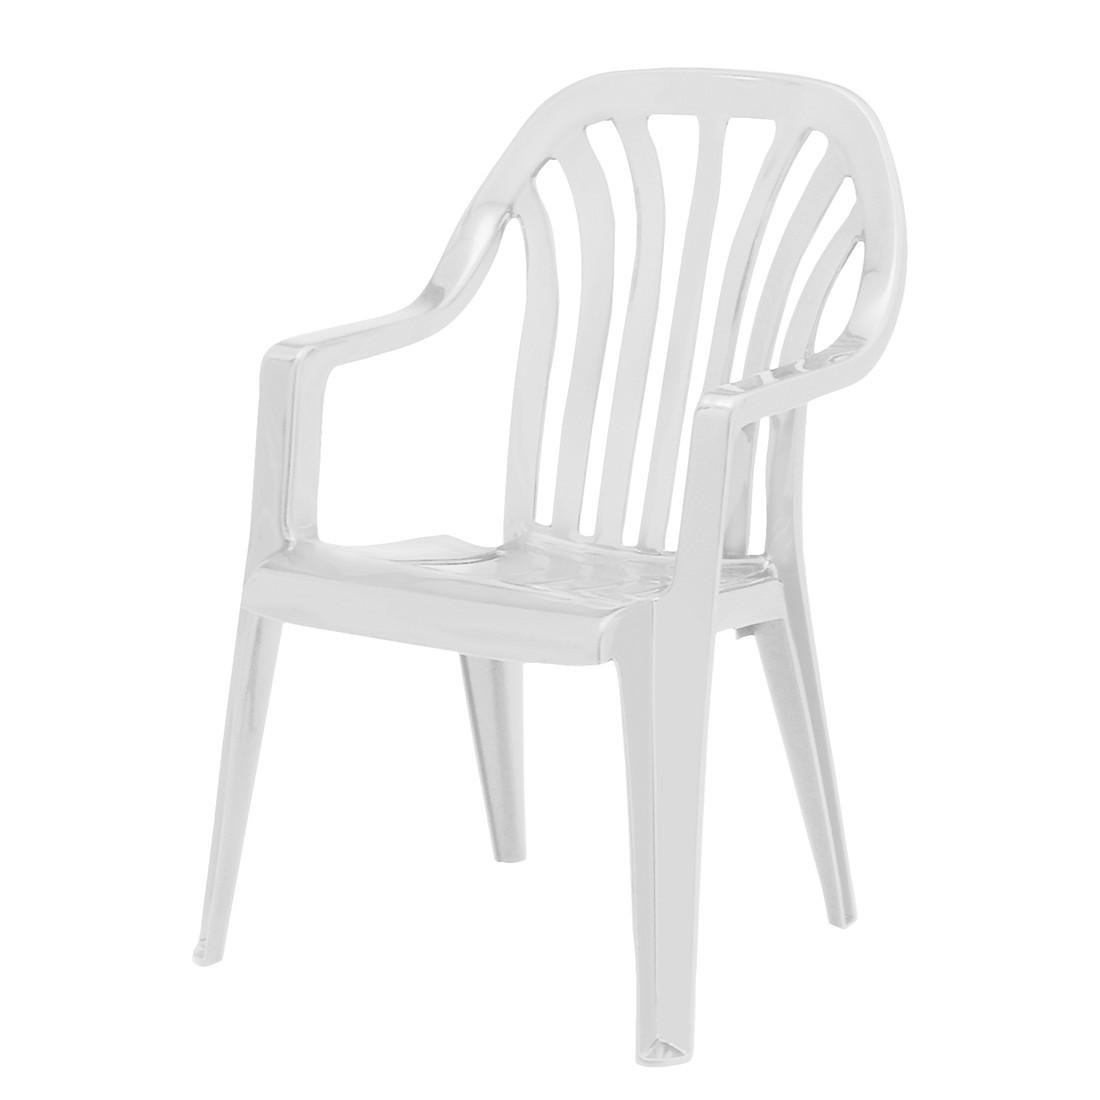 Stapelstuhl Laredo - Kunststoff - Weiß, Best Freizeitmöbel bei Home24 - Sonderangebote